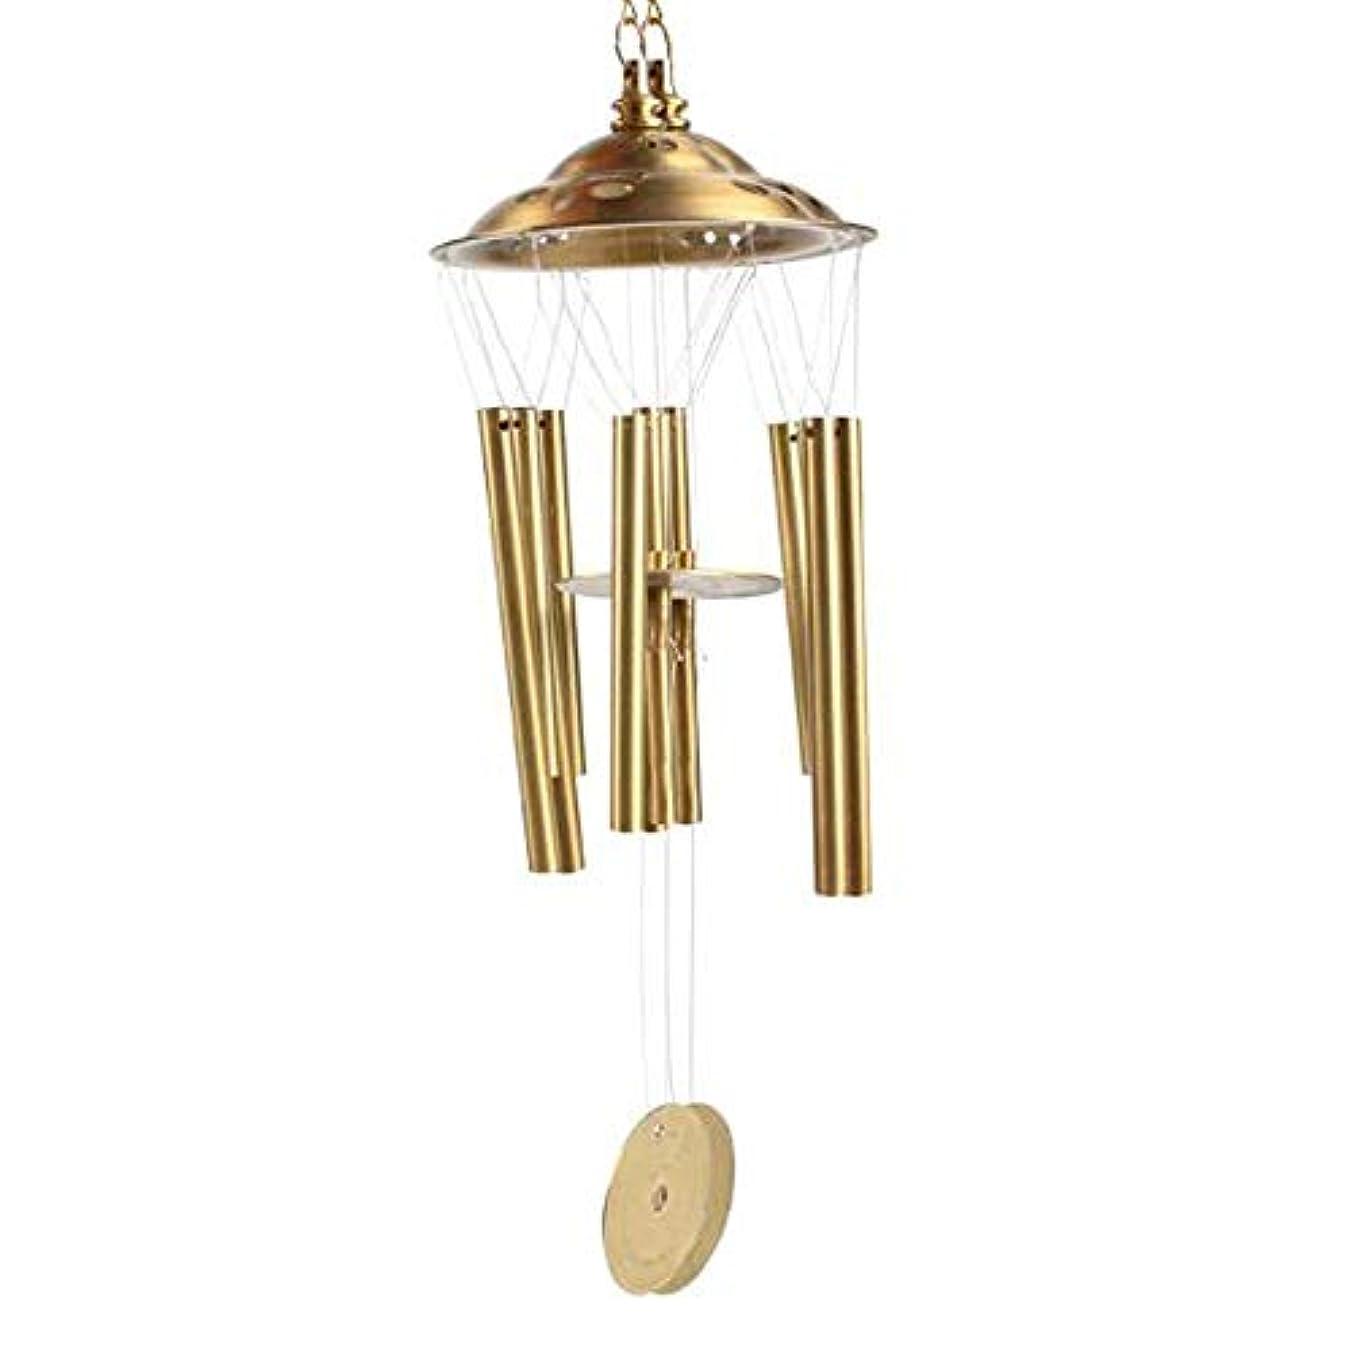 意気込みもう一度コンサルタントFengshangshanghang 風チャイム、銅6チューブ風チャイム、ゴールド、全身約2.5インチ,家の装飾 (Size : 4 inches)